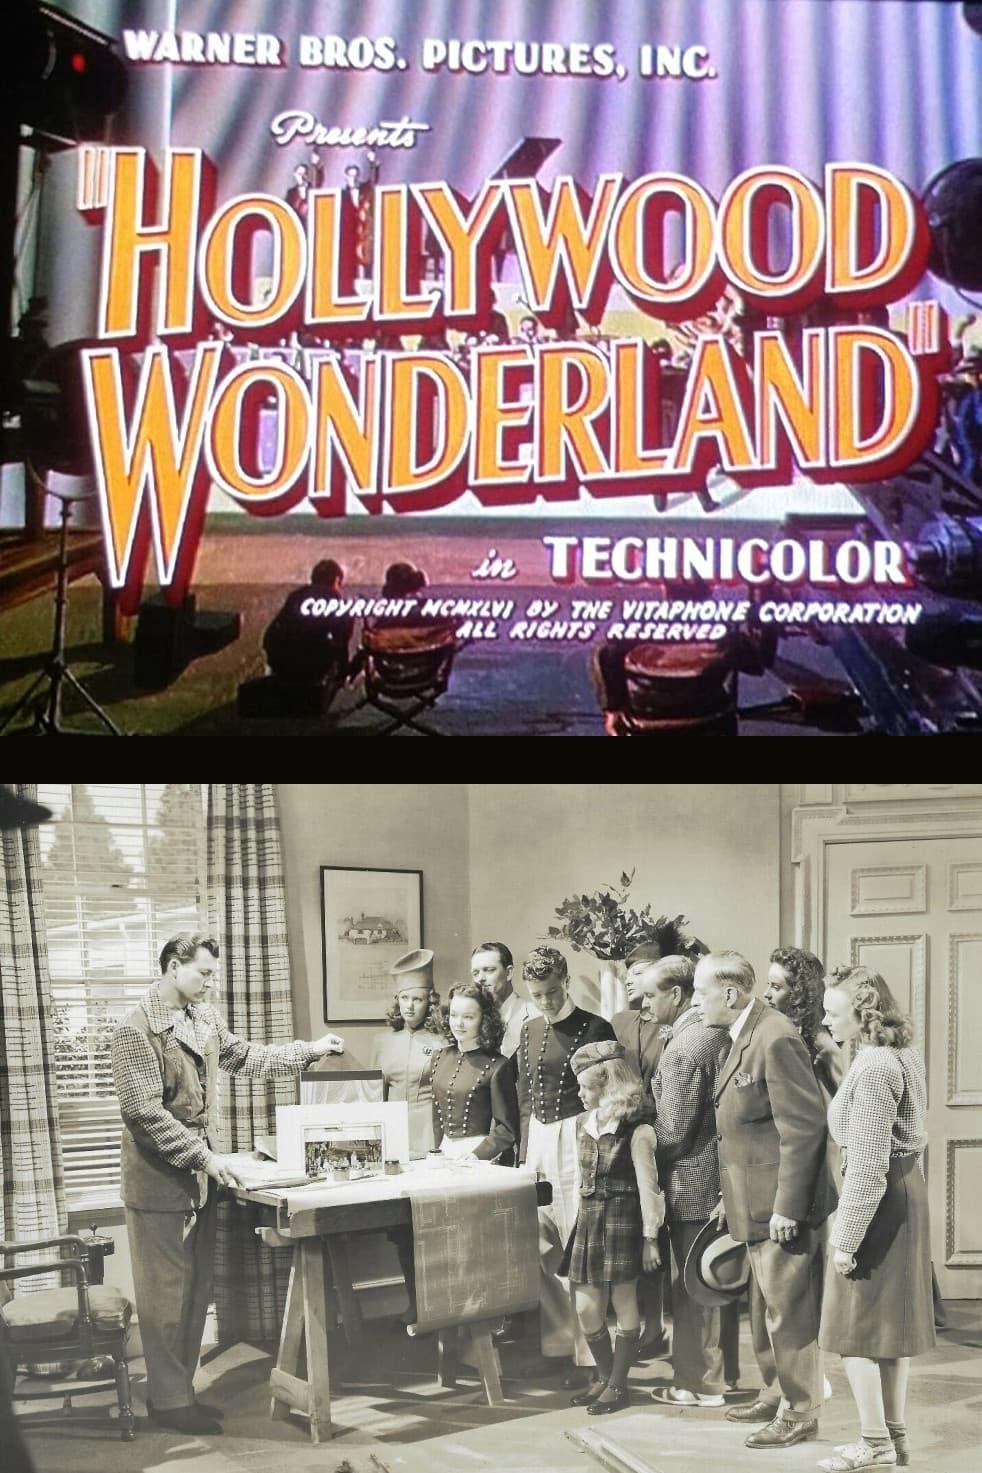 Hollywood Wonderland